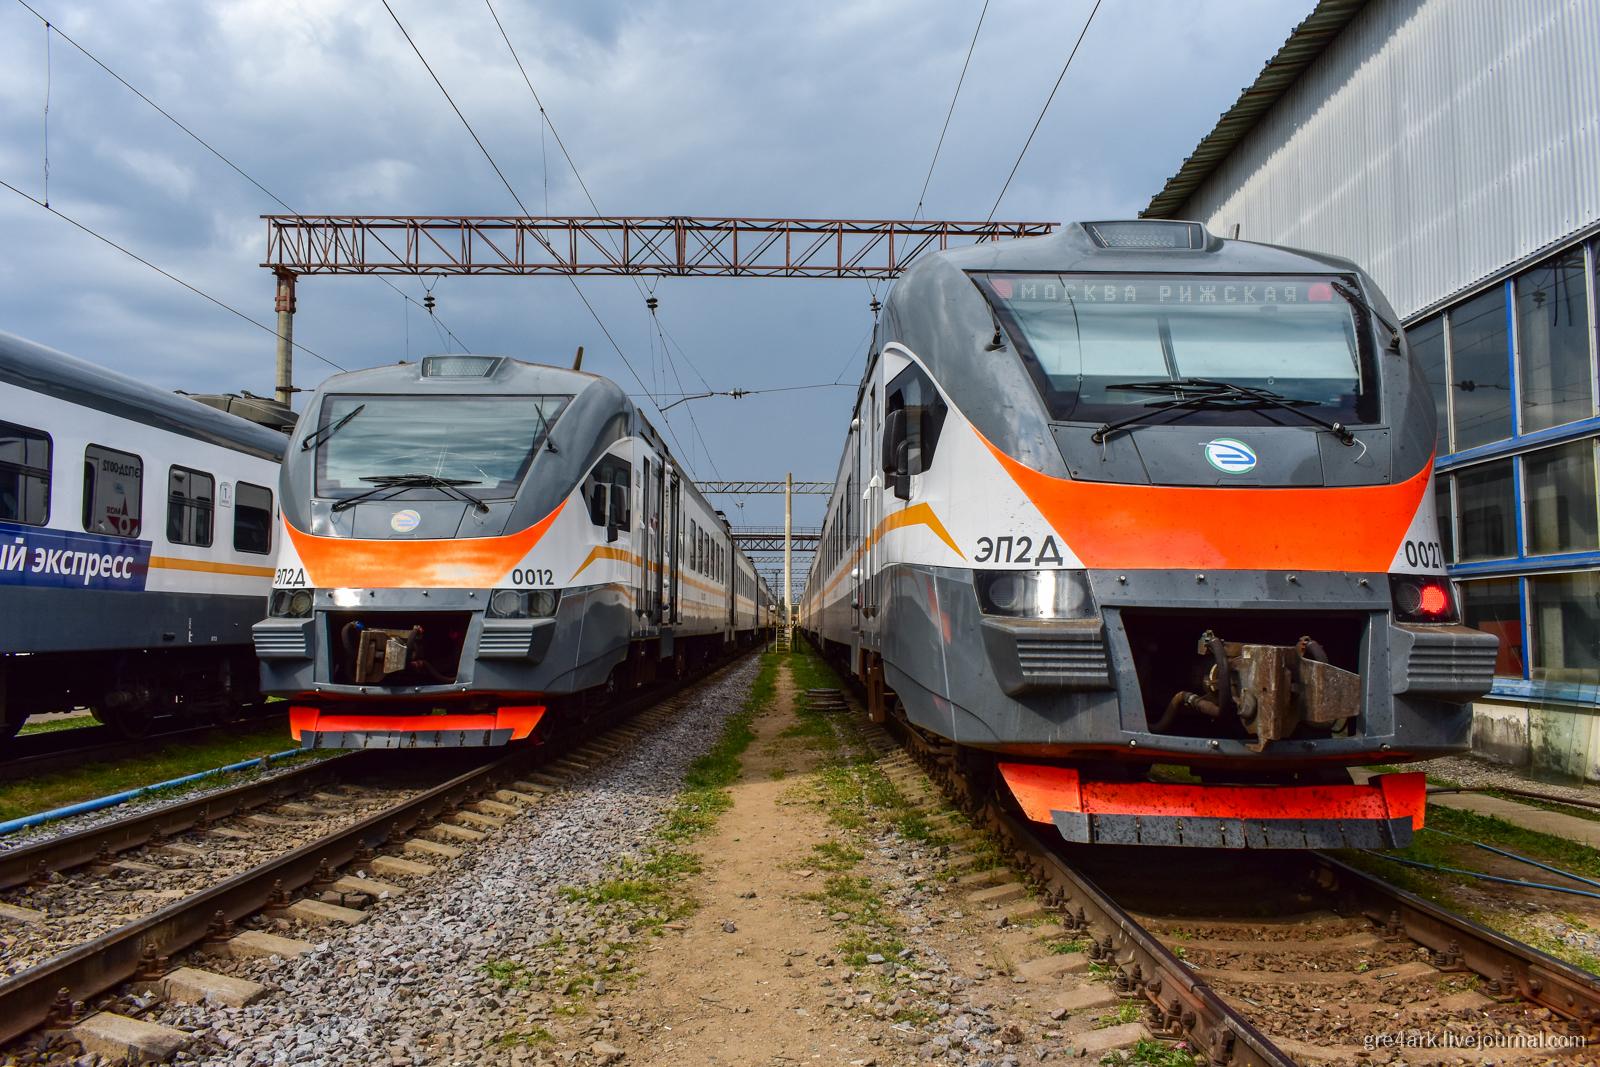 Когда езда на поезде перестанет быть отдельным кругом ада? общественный транспорт